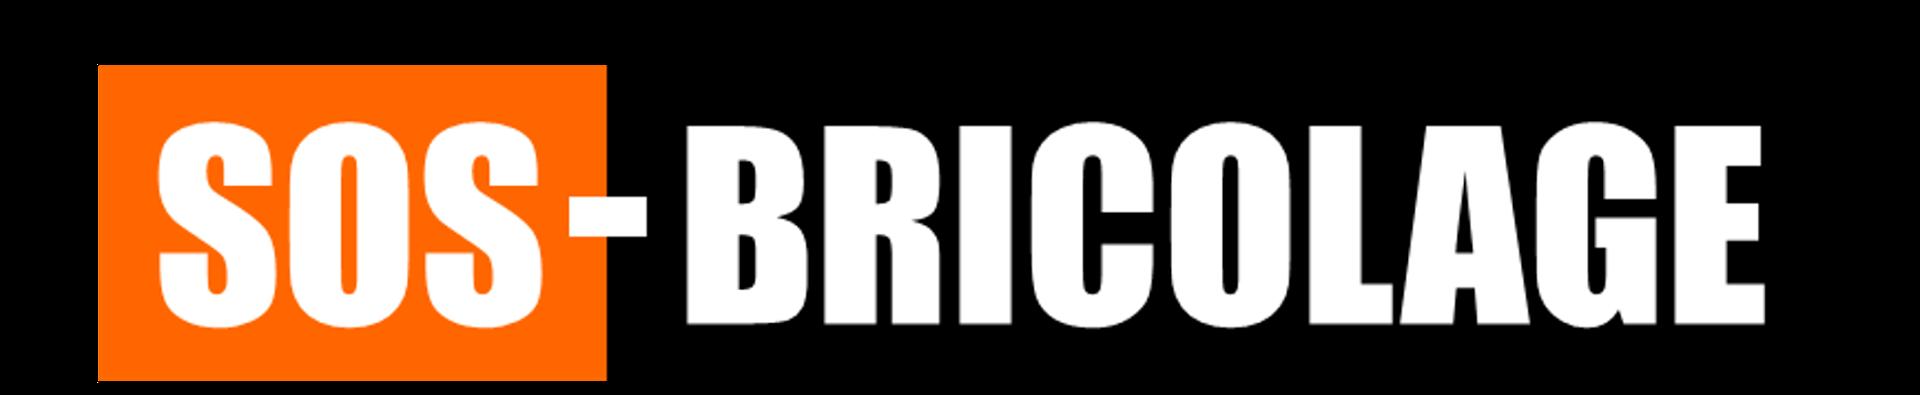 logo sos bricolage nouveau